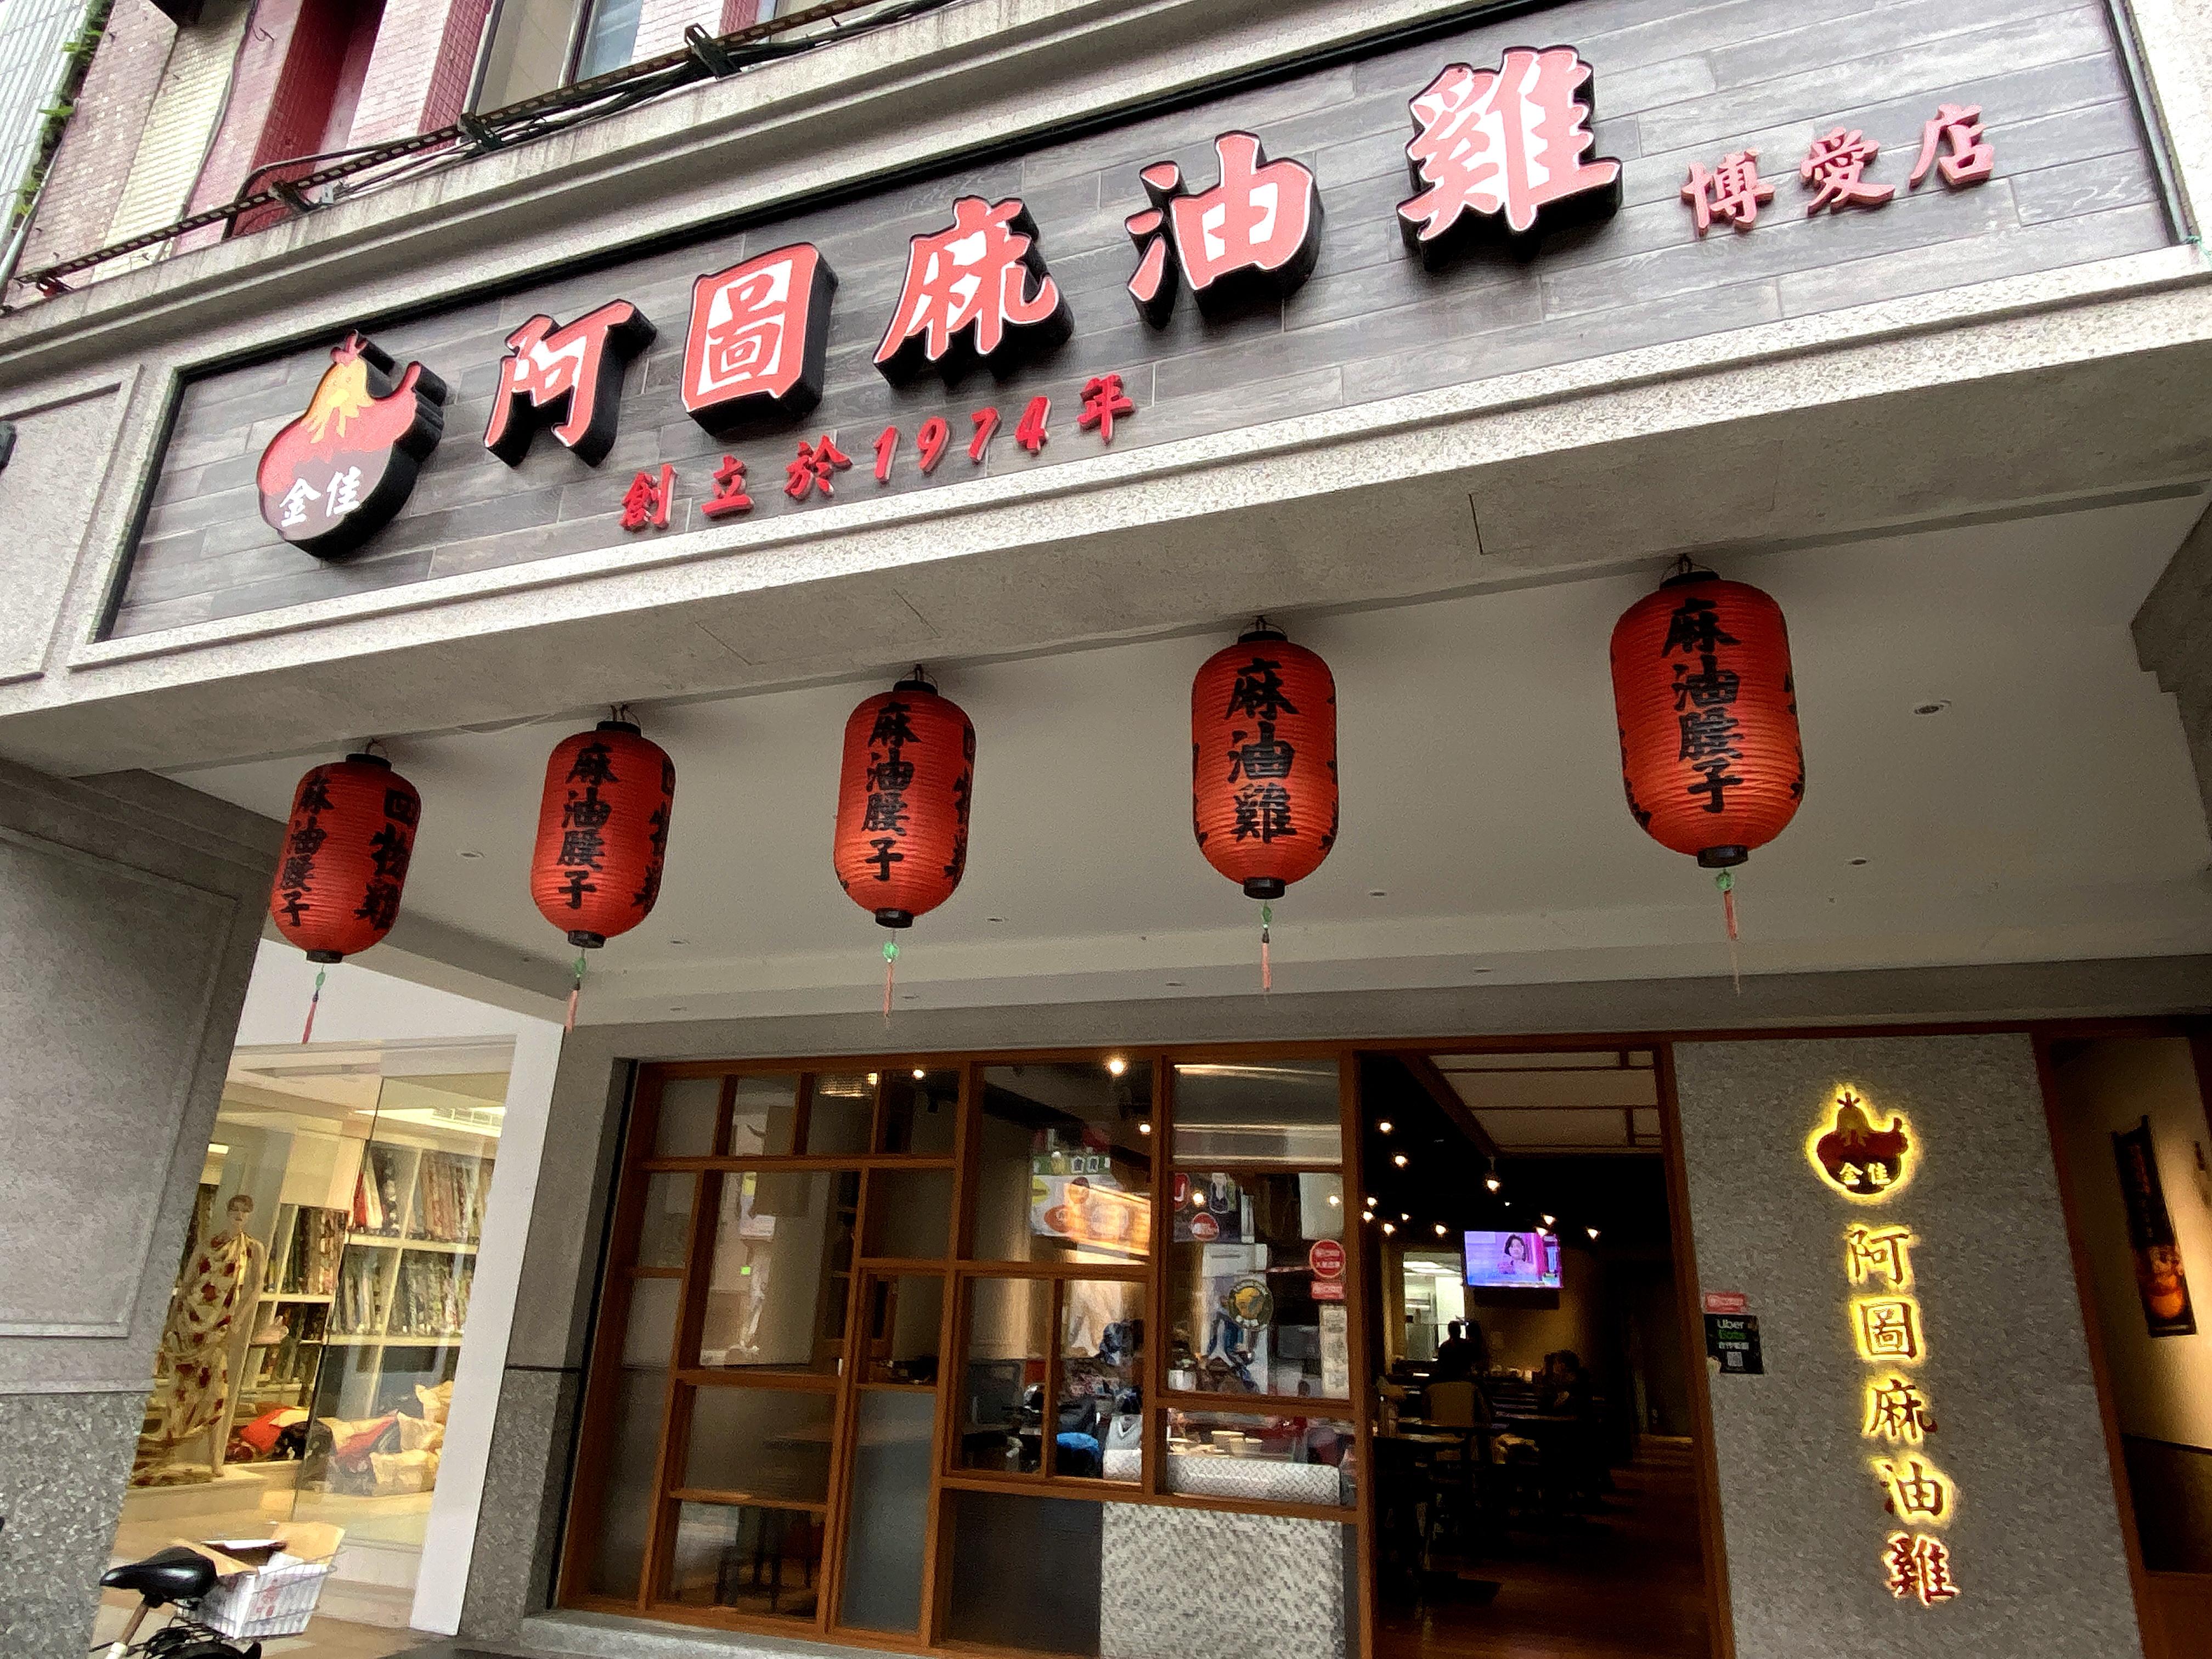 阿圖麻油雞 城中博愛店 林森北路麻油雞老店竟然開了分店